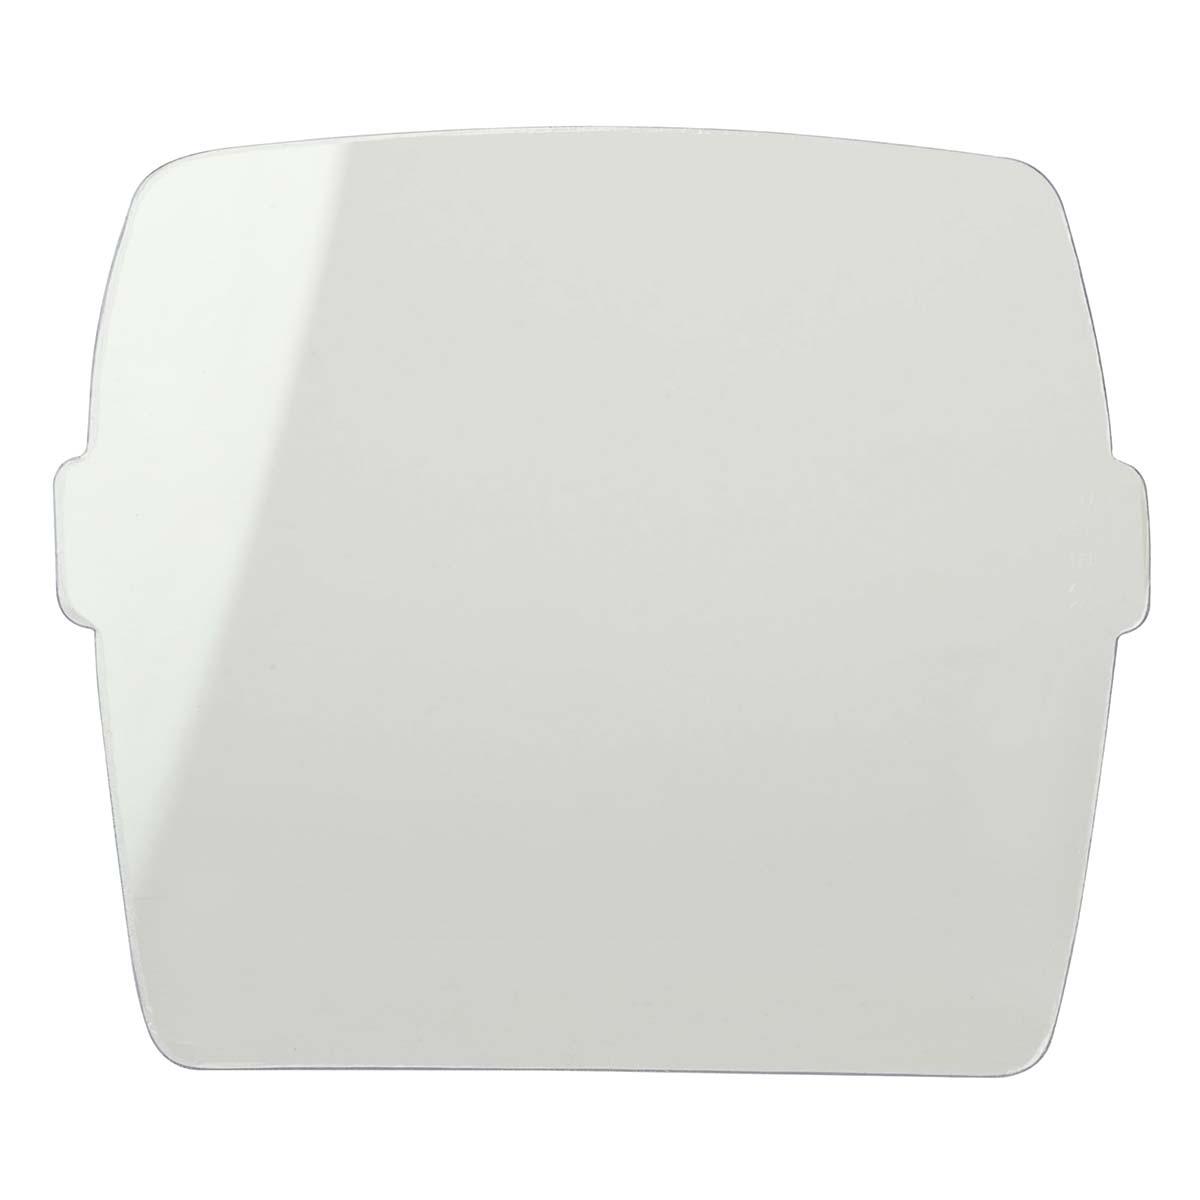 Jackson Safety SmarTIGer External Safety Plate (37247), For SmarTIGer Welding Helmet with Balder Technology , 100 / Case